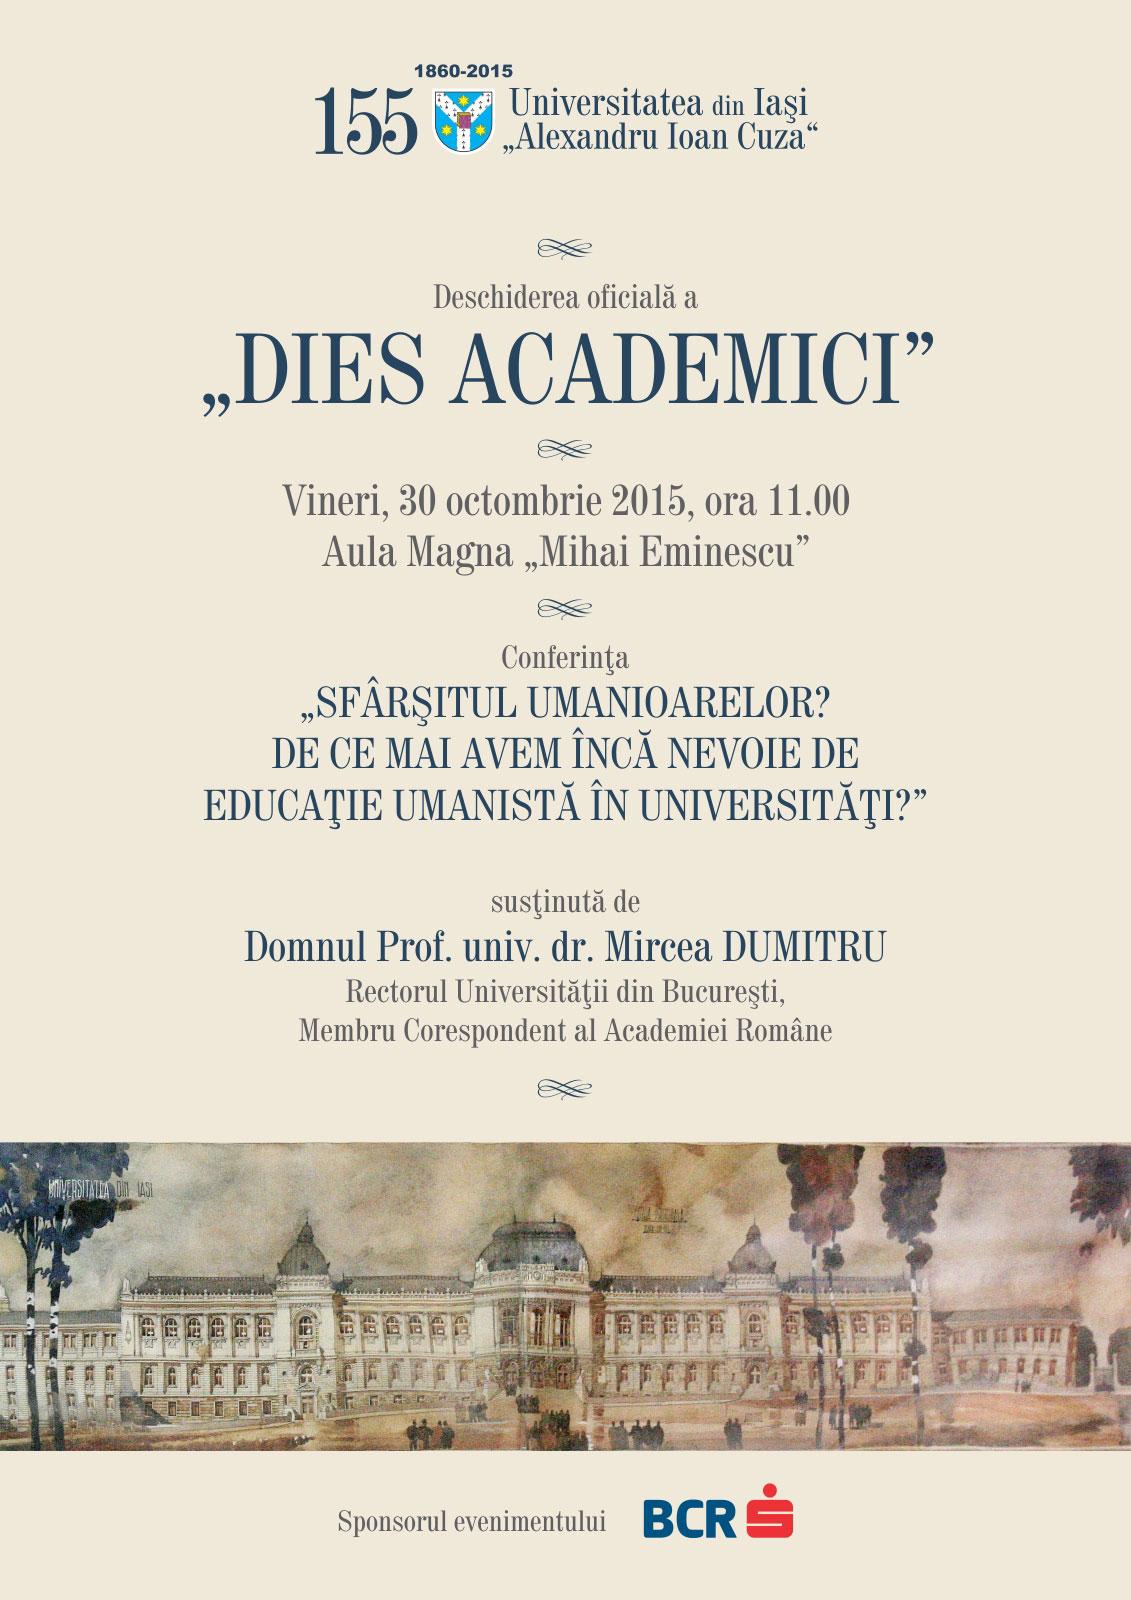 """Universitatea """"Alexandru Ioan Cuza"""" sărbătorește  155 de ani de la înființare"""